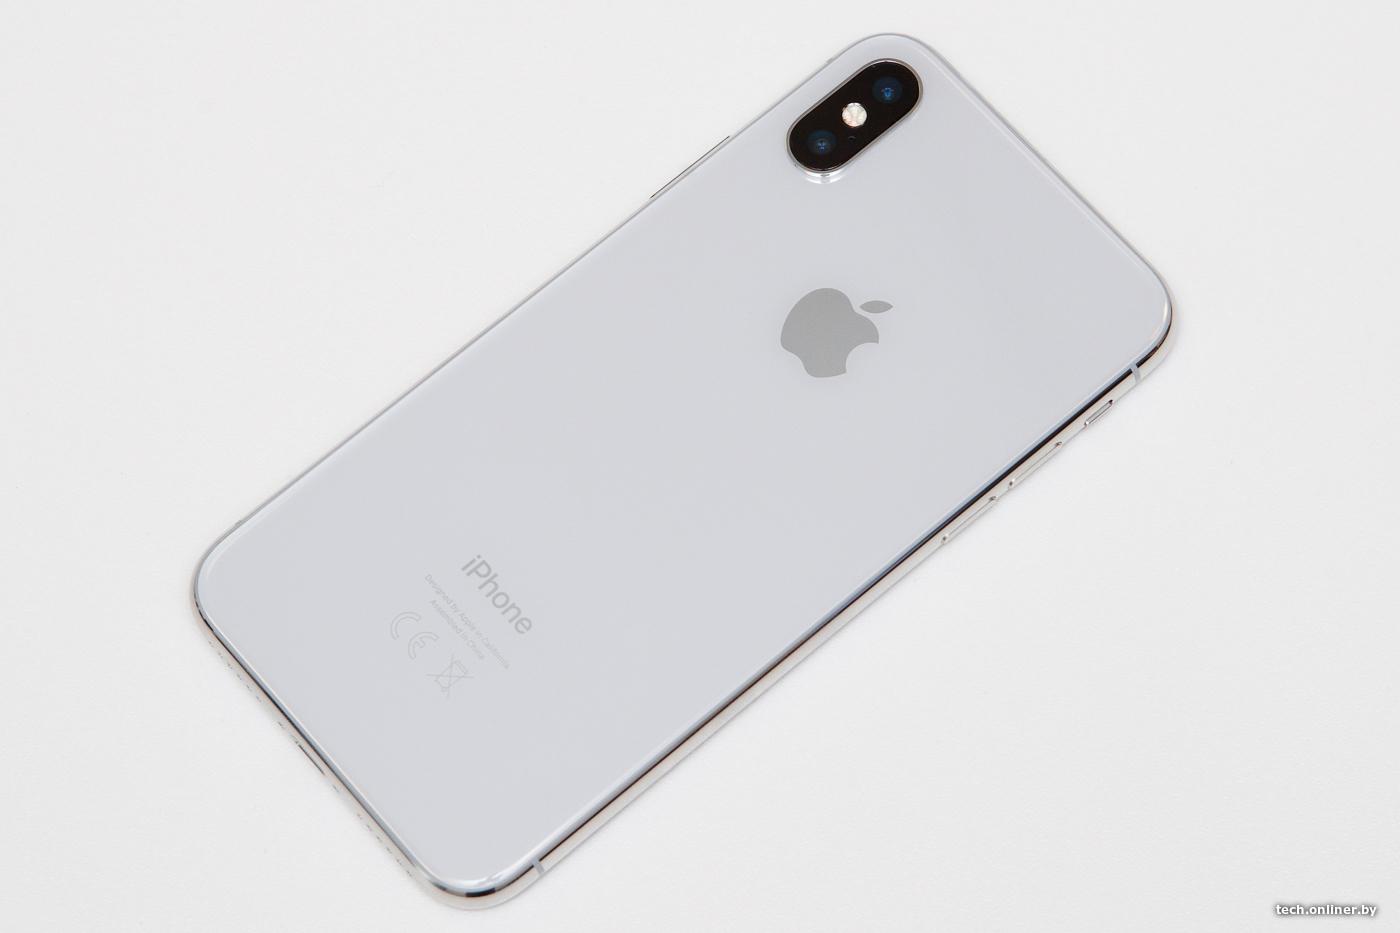 b53a7353f567 Это еще и первый OLED-дисплей для смартфона Apple. По сравнению с  IPS-матрицей экран намного ярче и красивее. Цвета выглядят более  естественно, ...